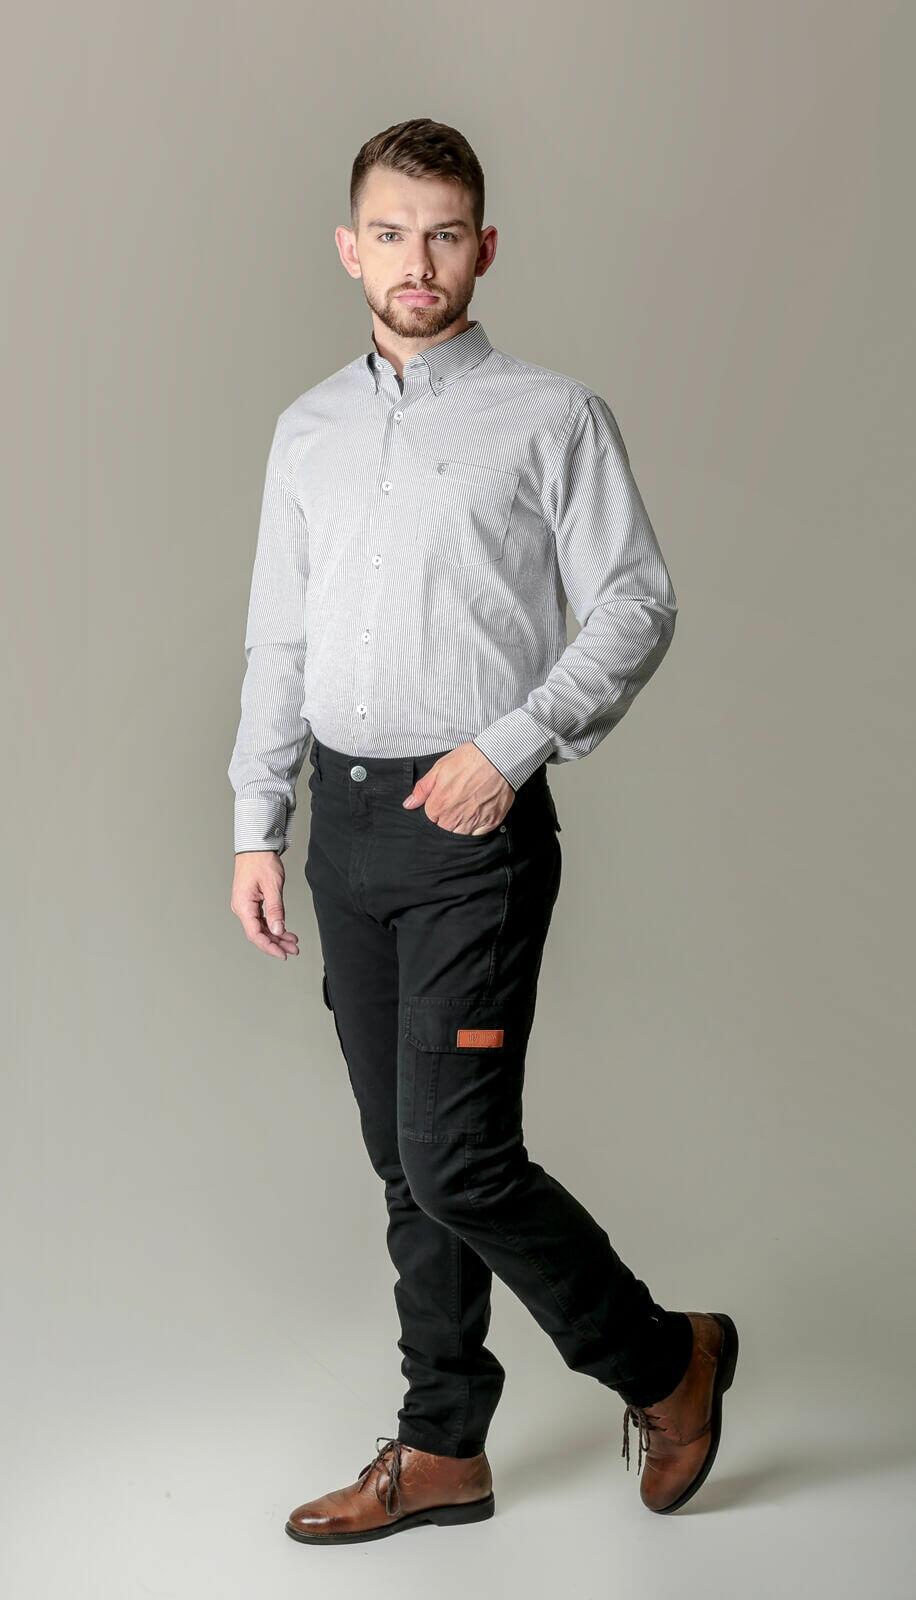 Calça Cargo Masculina com Elastano - Cor Preta